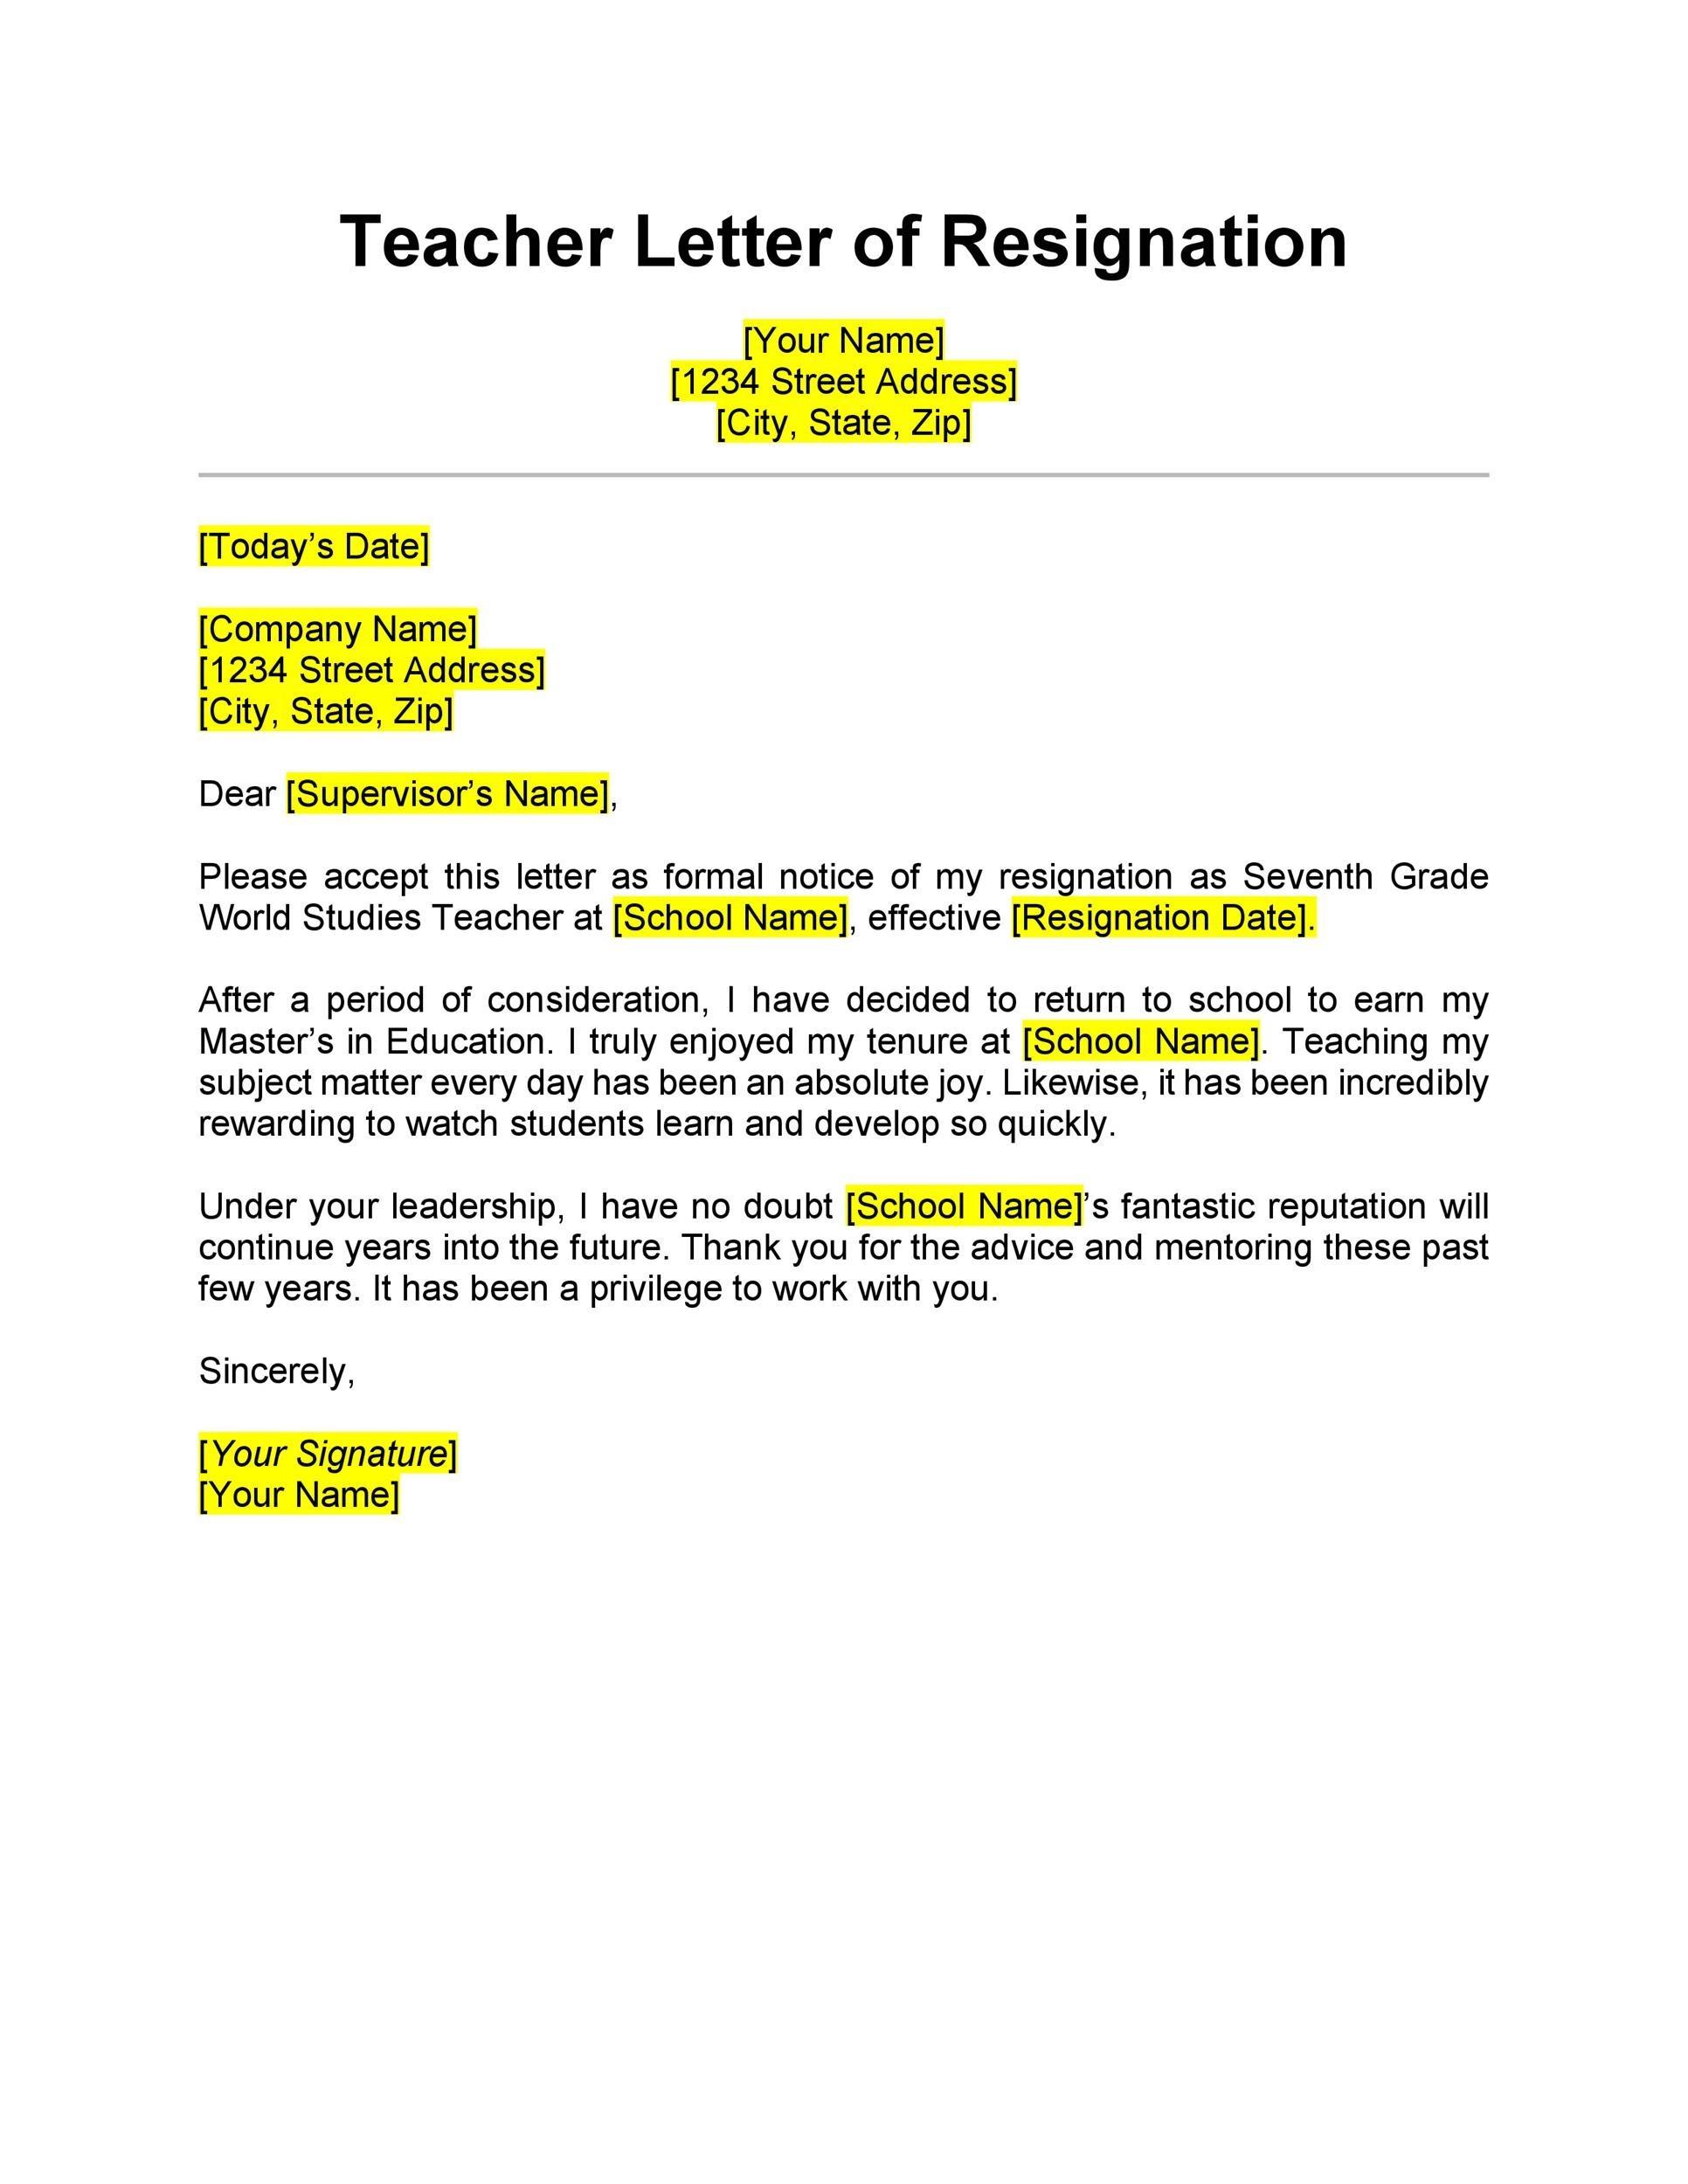 Letter Of Resignation Teacher from templatelab.com